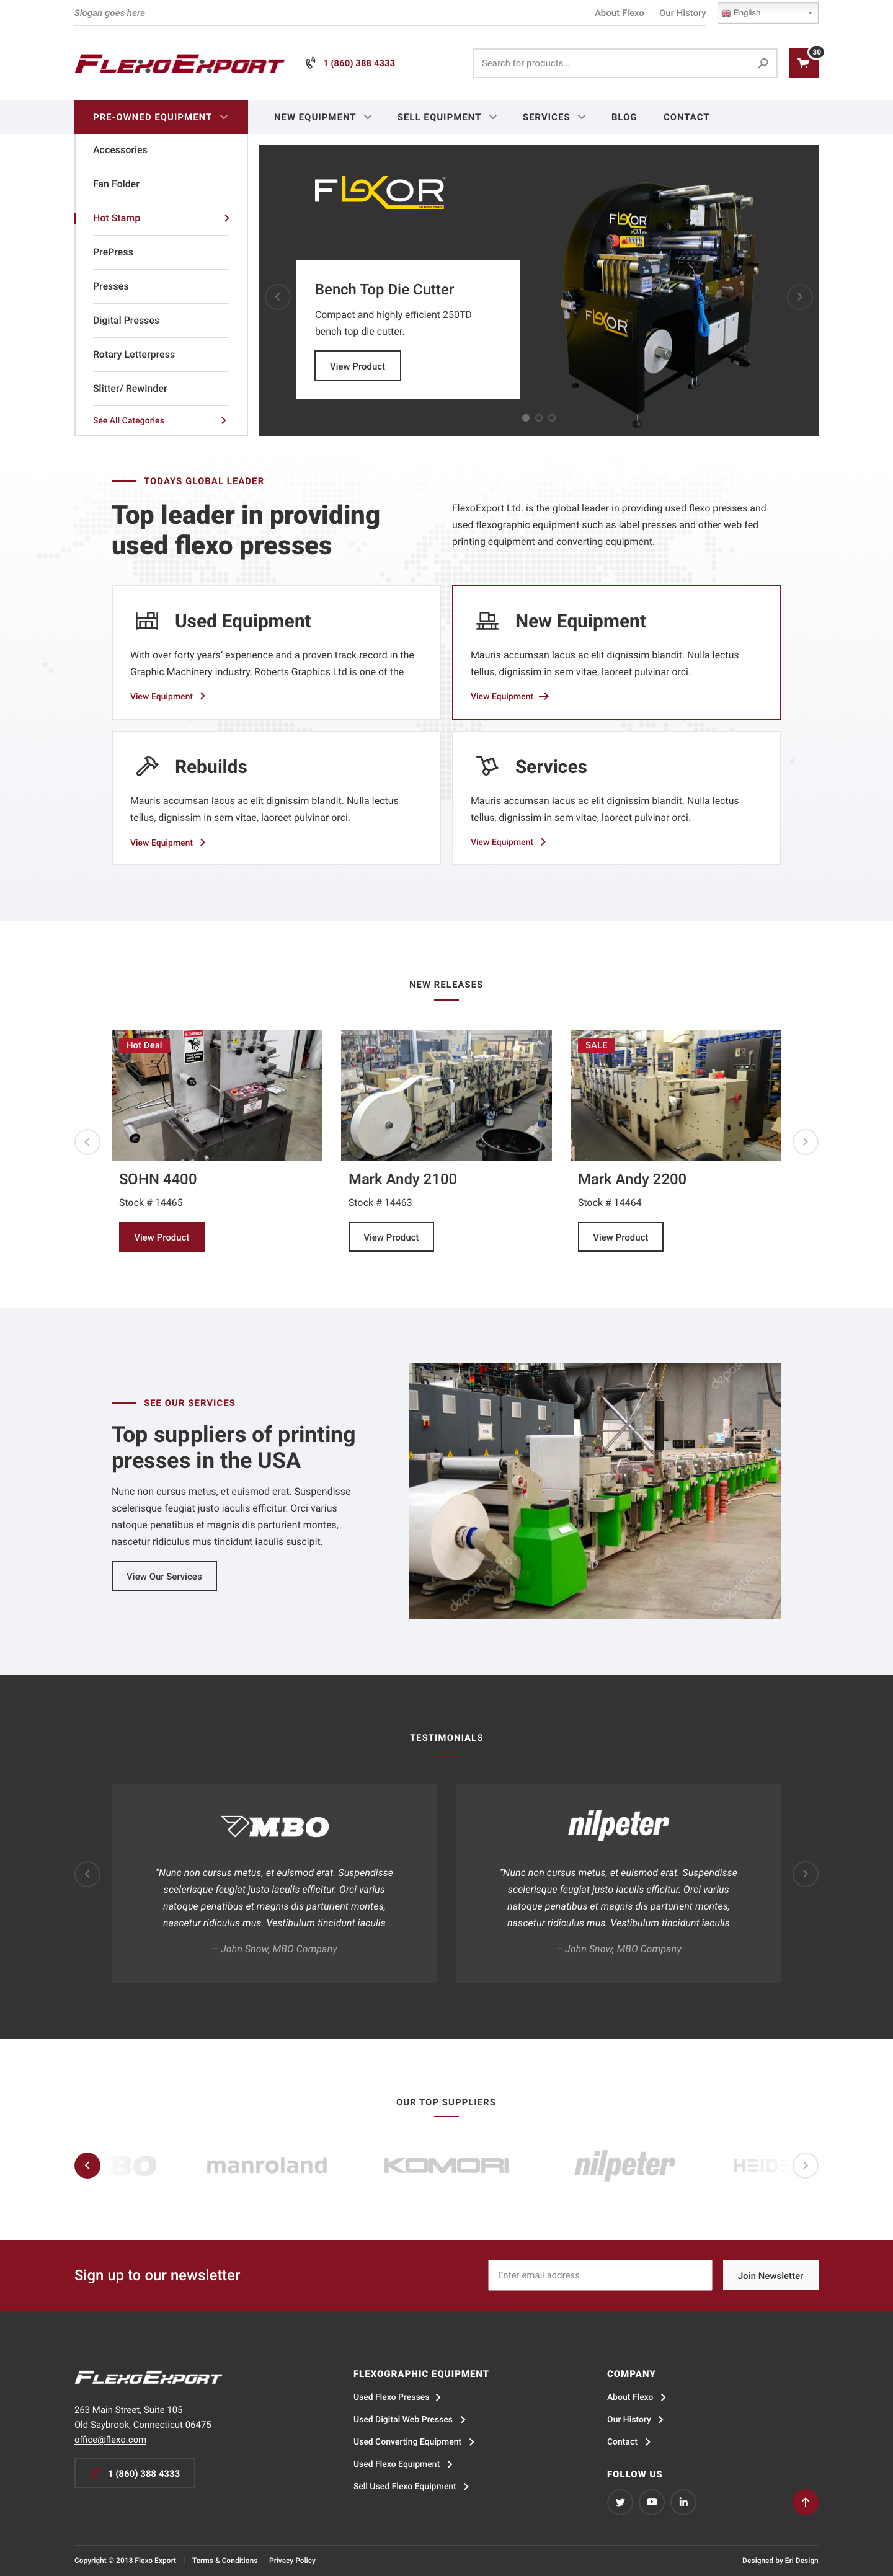 FlexoExport website homepage